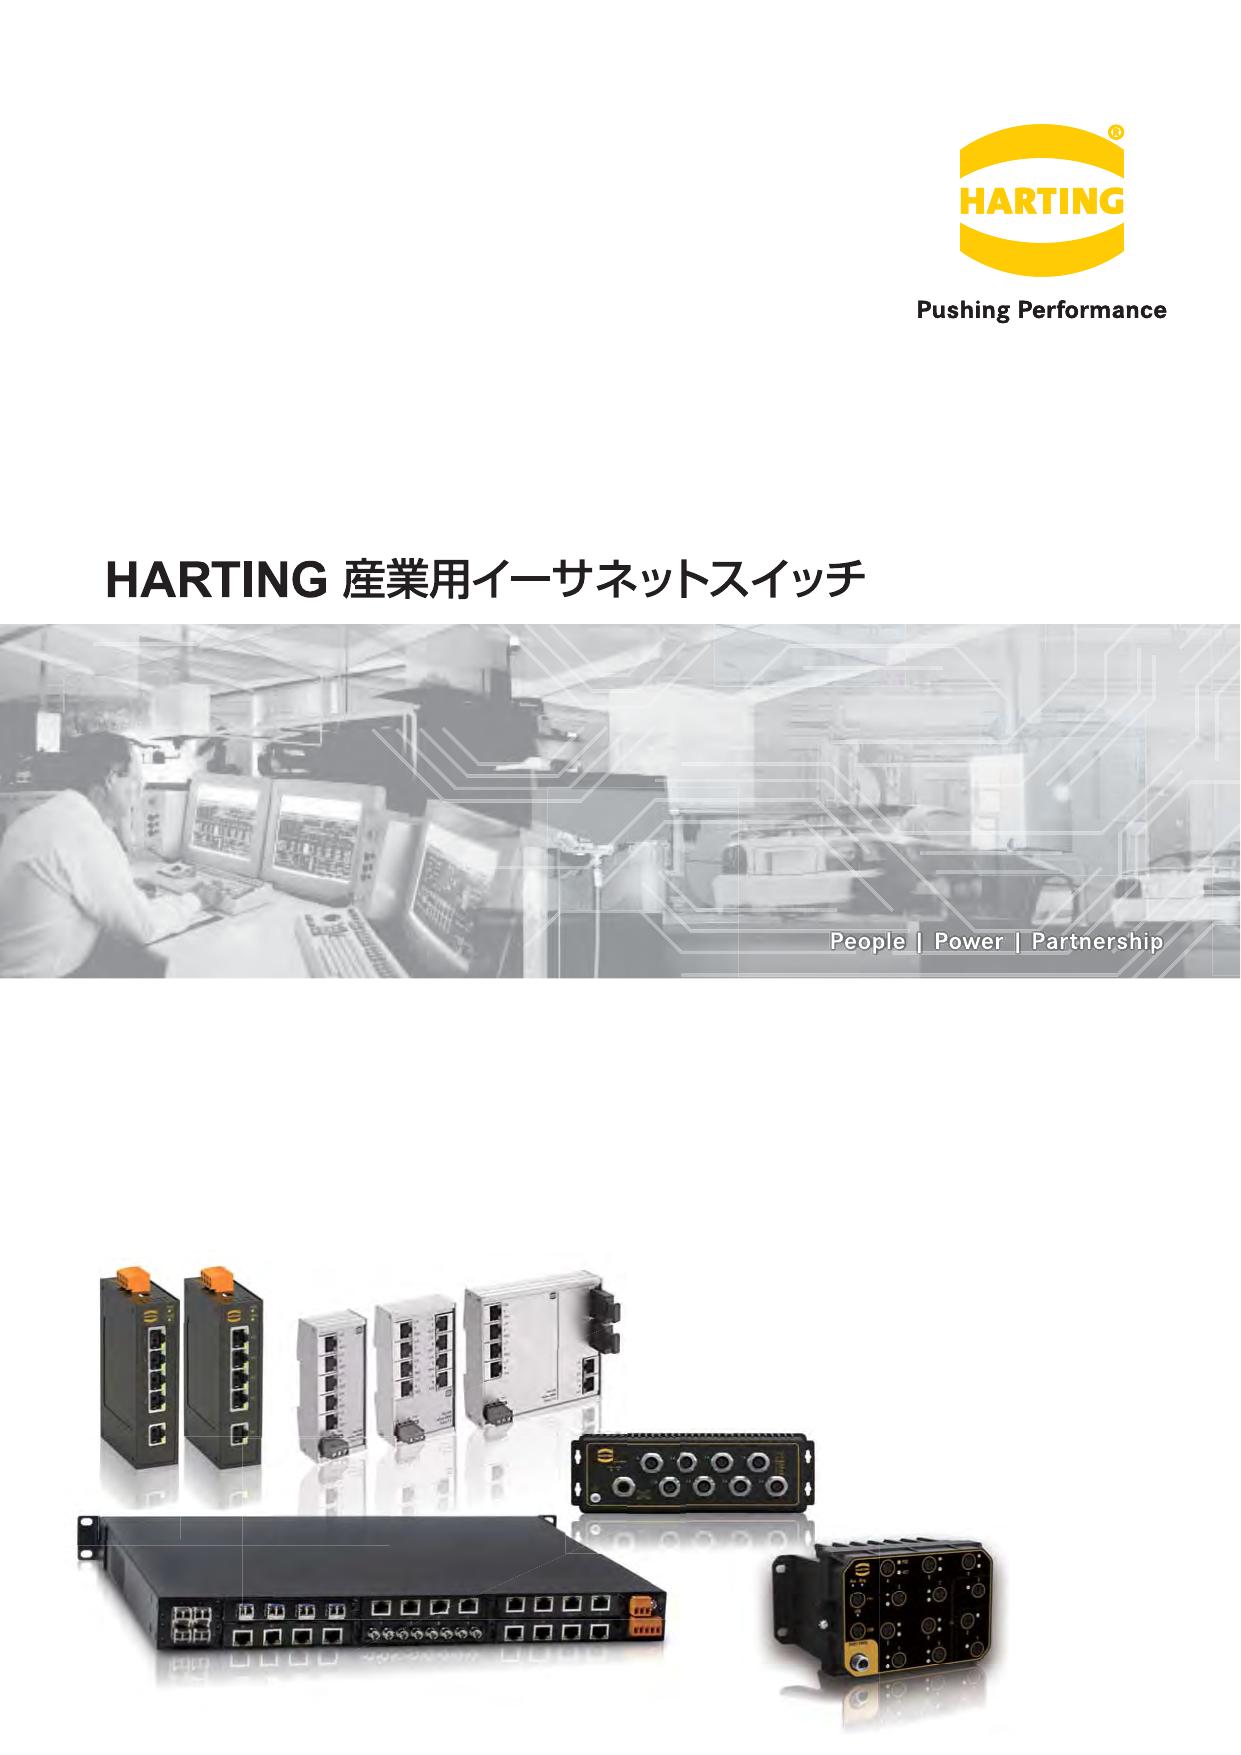 HARTING 産業用イーサネットスイッチ